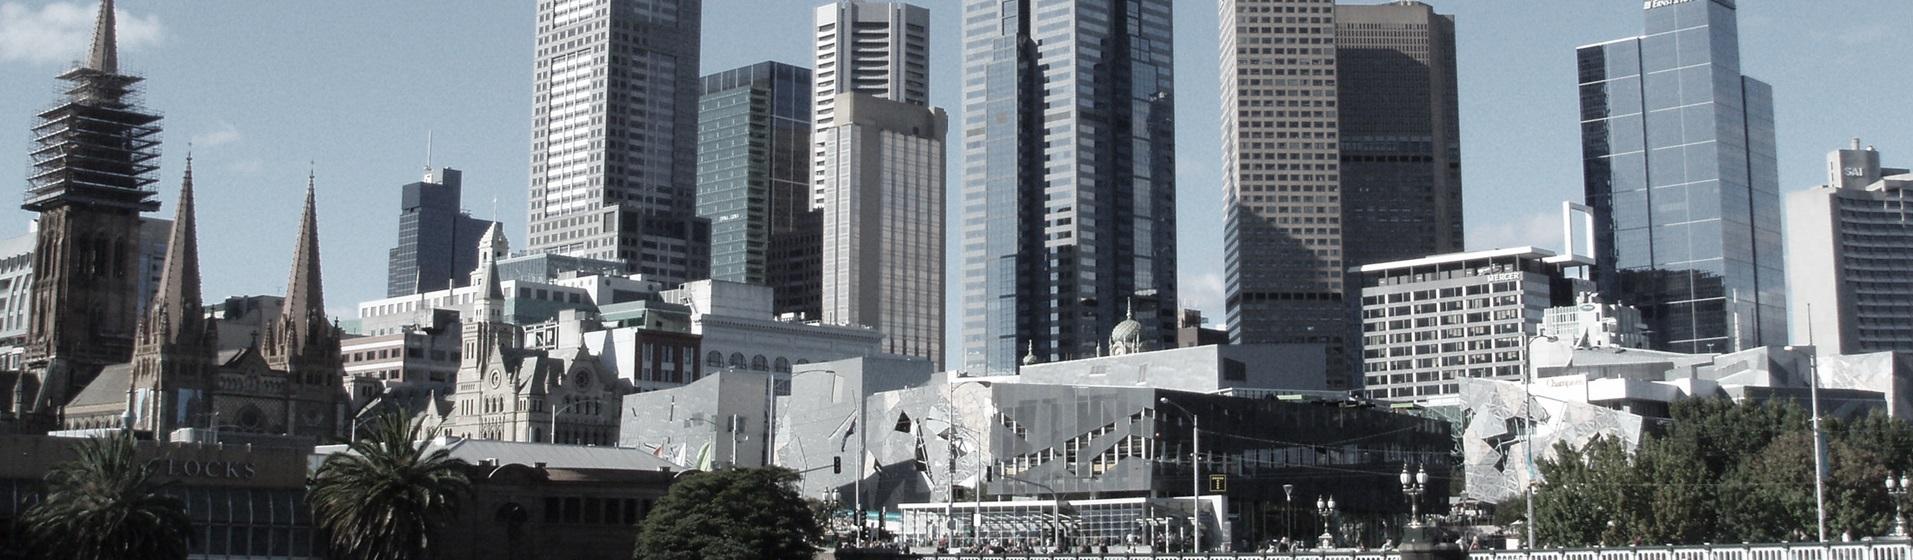 LP Information社(LPインフォメーション)の日本ウェブサイト。H&Iグローバルリサーチ(代理店)が運営